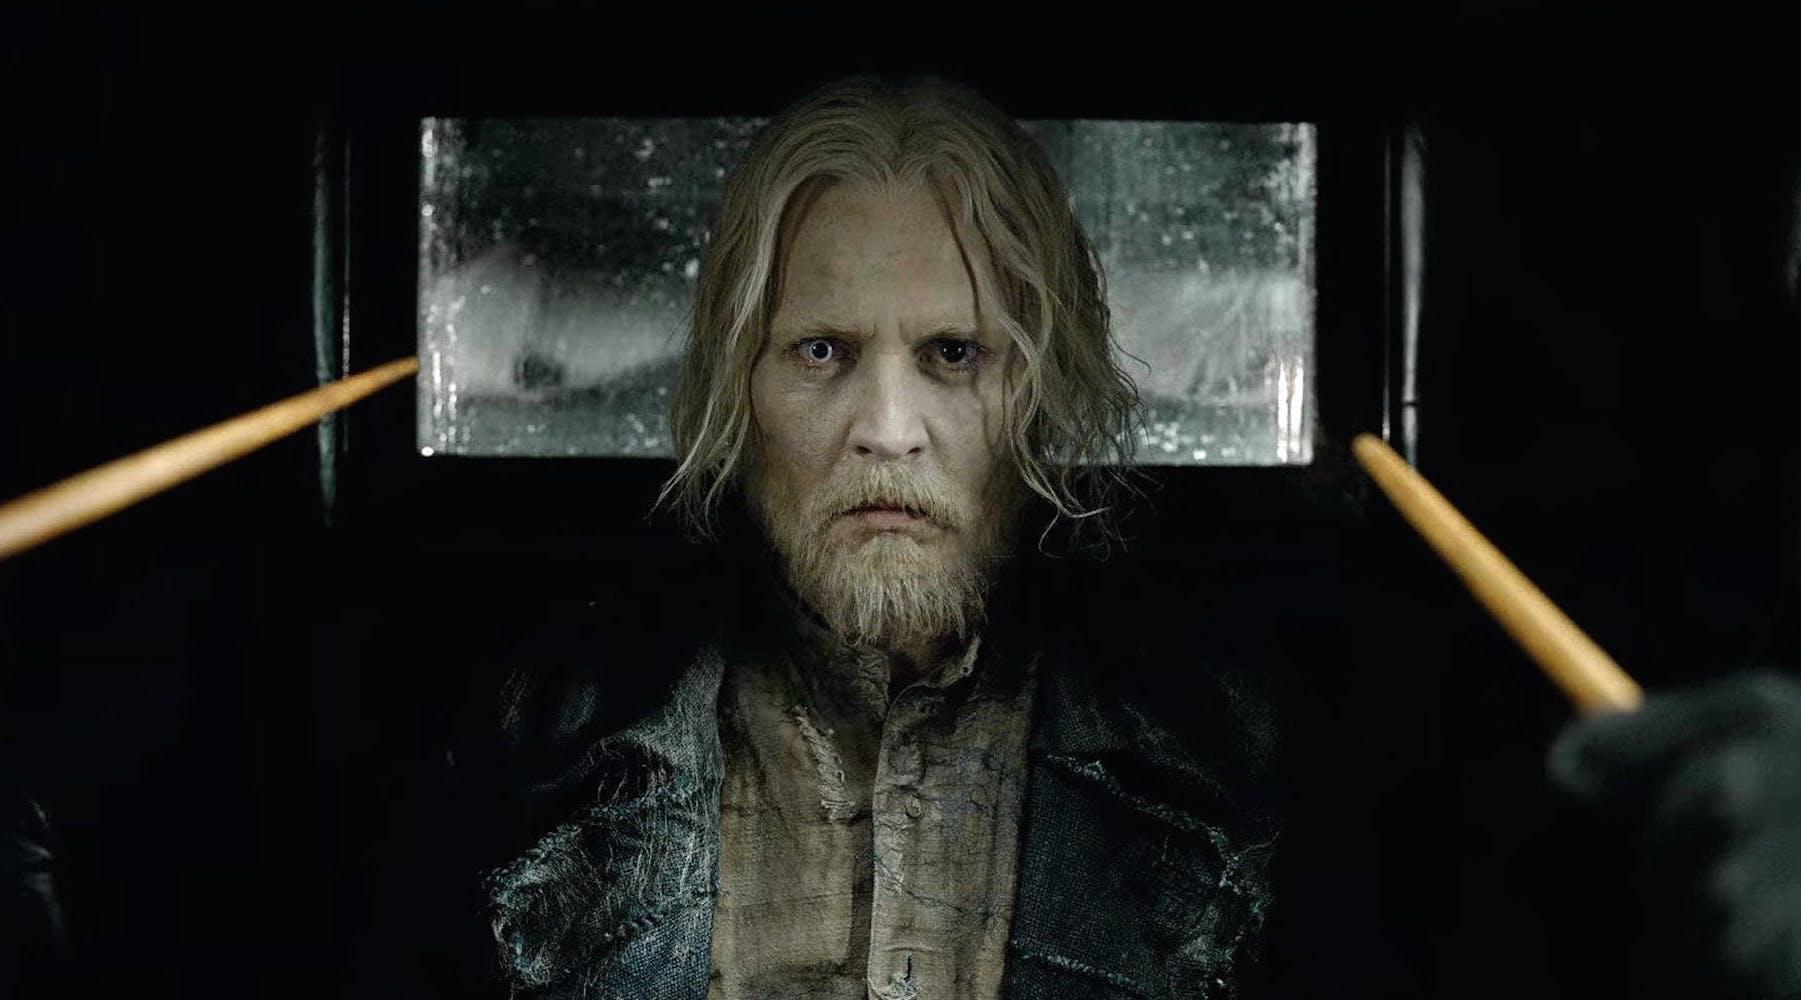 Johnny-Depp-as-Grindelwald-in-Fantastic-Beasts-2-1521034621787.jpg